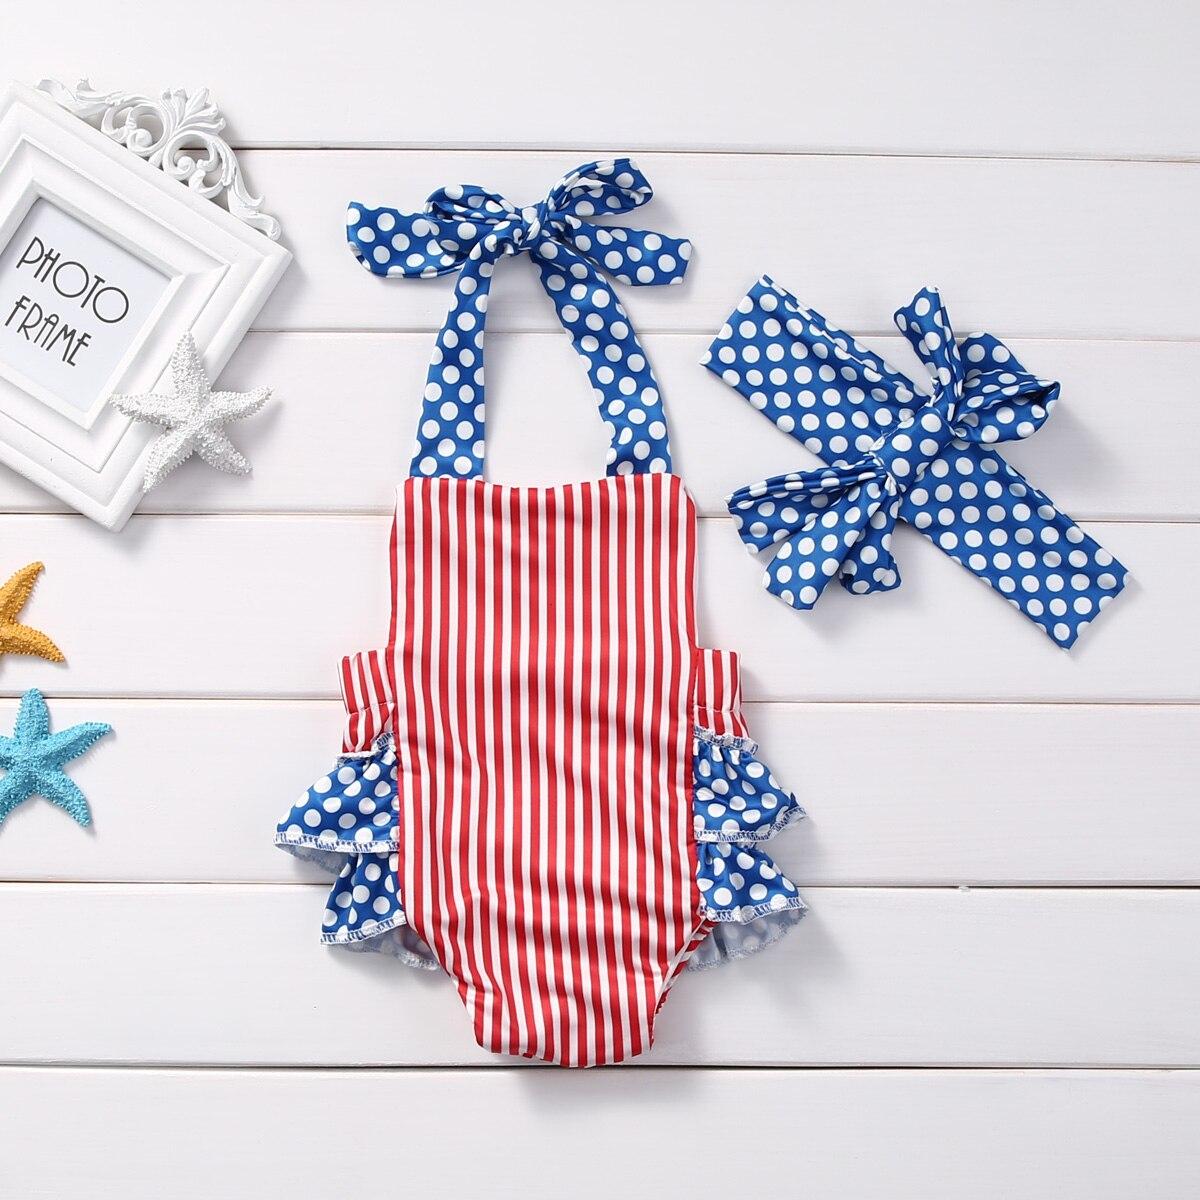 57a2a10e2af8f ᗖ2pcs Newborn Infant Baby Girls Clothes Summer Sleeveless Belt ...